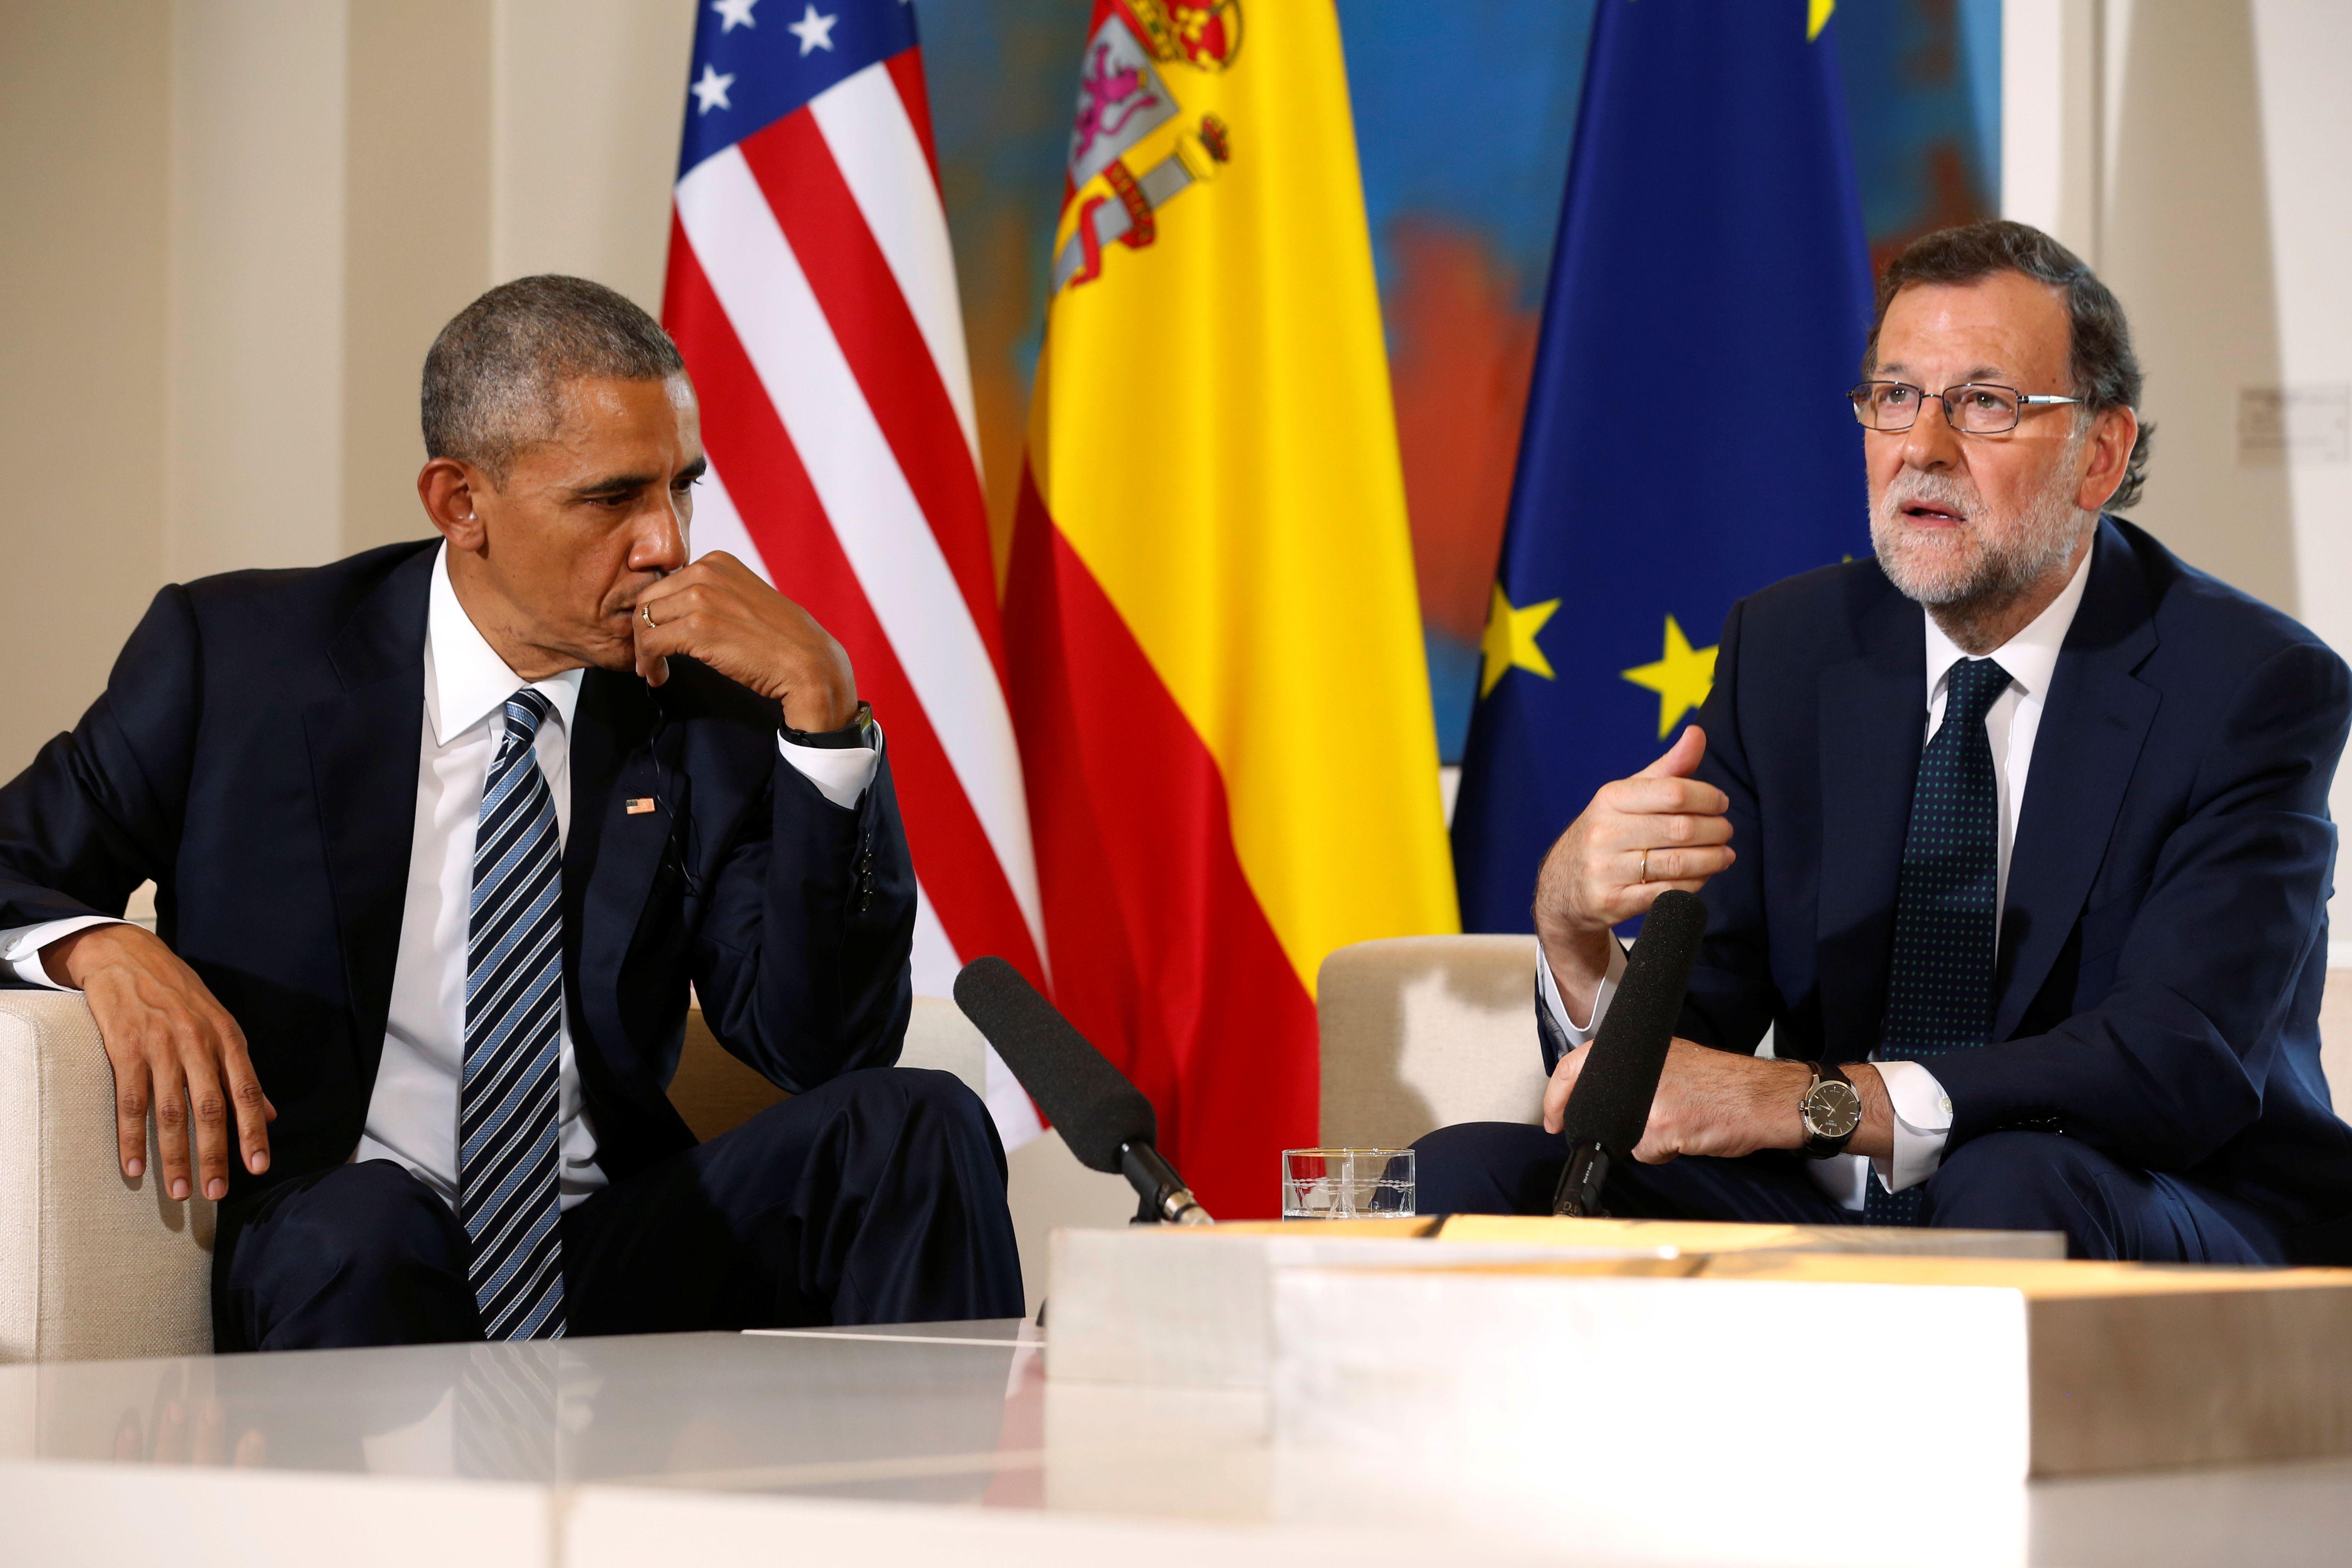 """Le Président américain Barack Obama n'avait pas manqué de féliciter le Premier ministre espagnol pour """"les progrès économiques réalisés"""" dans le pays lors de leur rencontre à Madrid (Espagne) le 10 juillet 2016."""